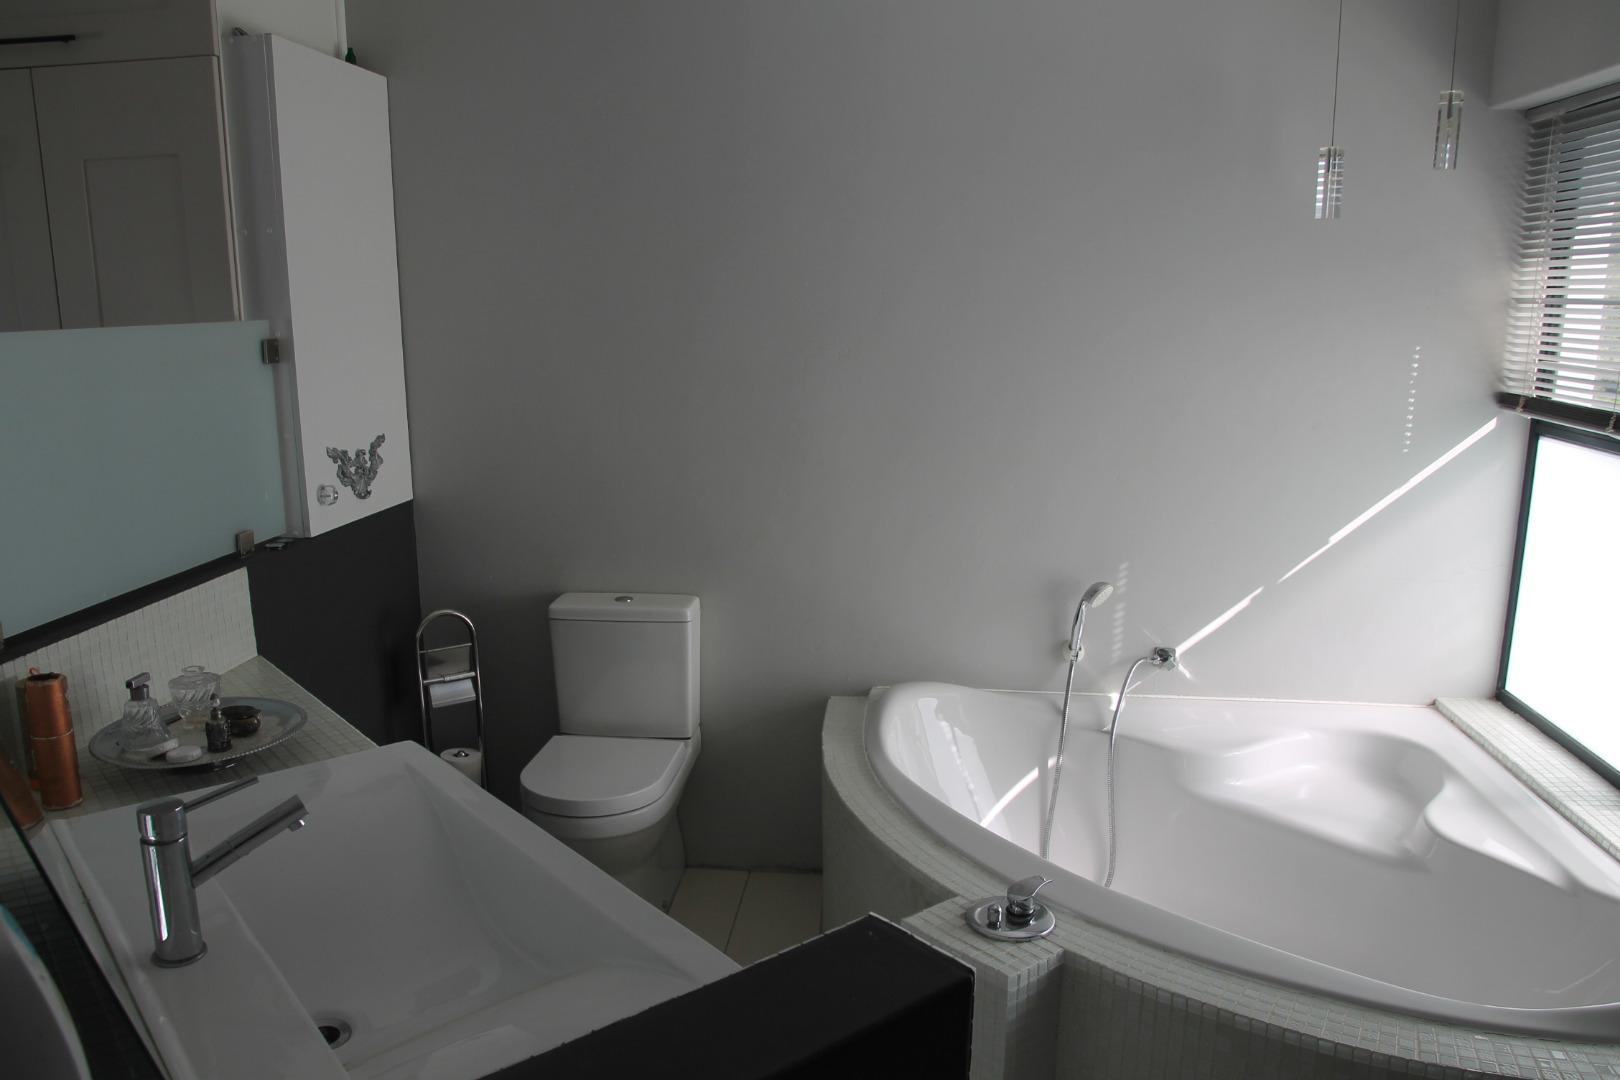 5 Bedroom House For Sale in Riebeek Kasteel